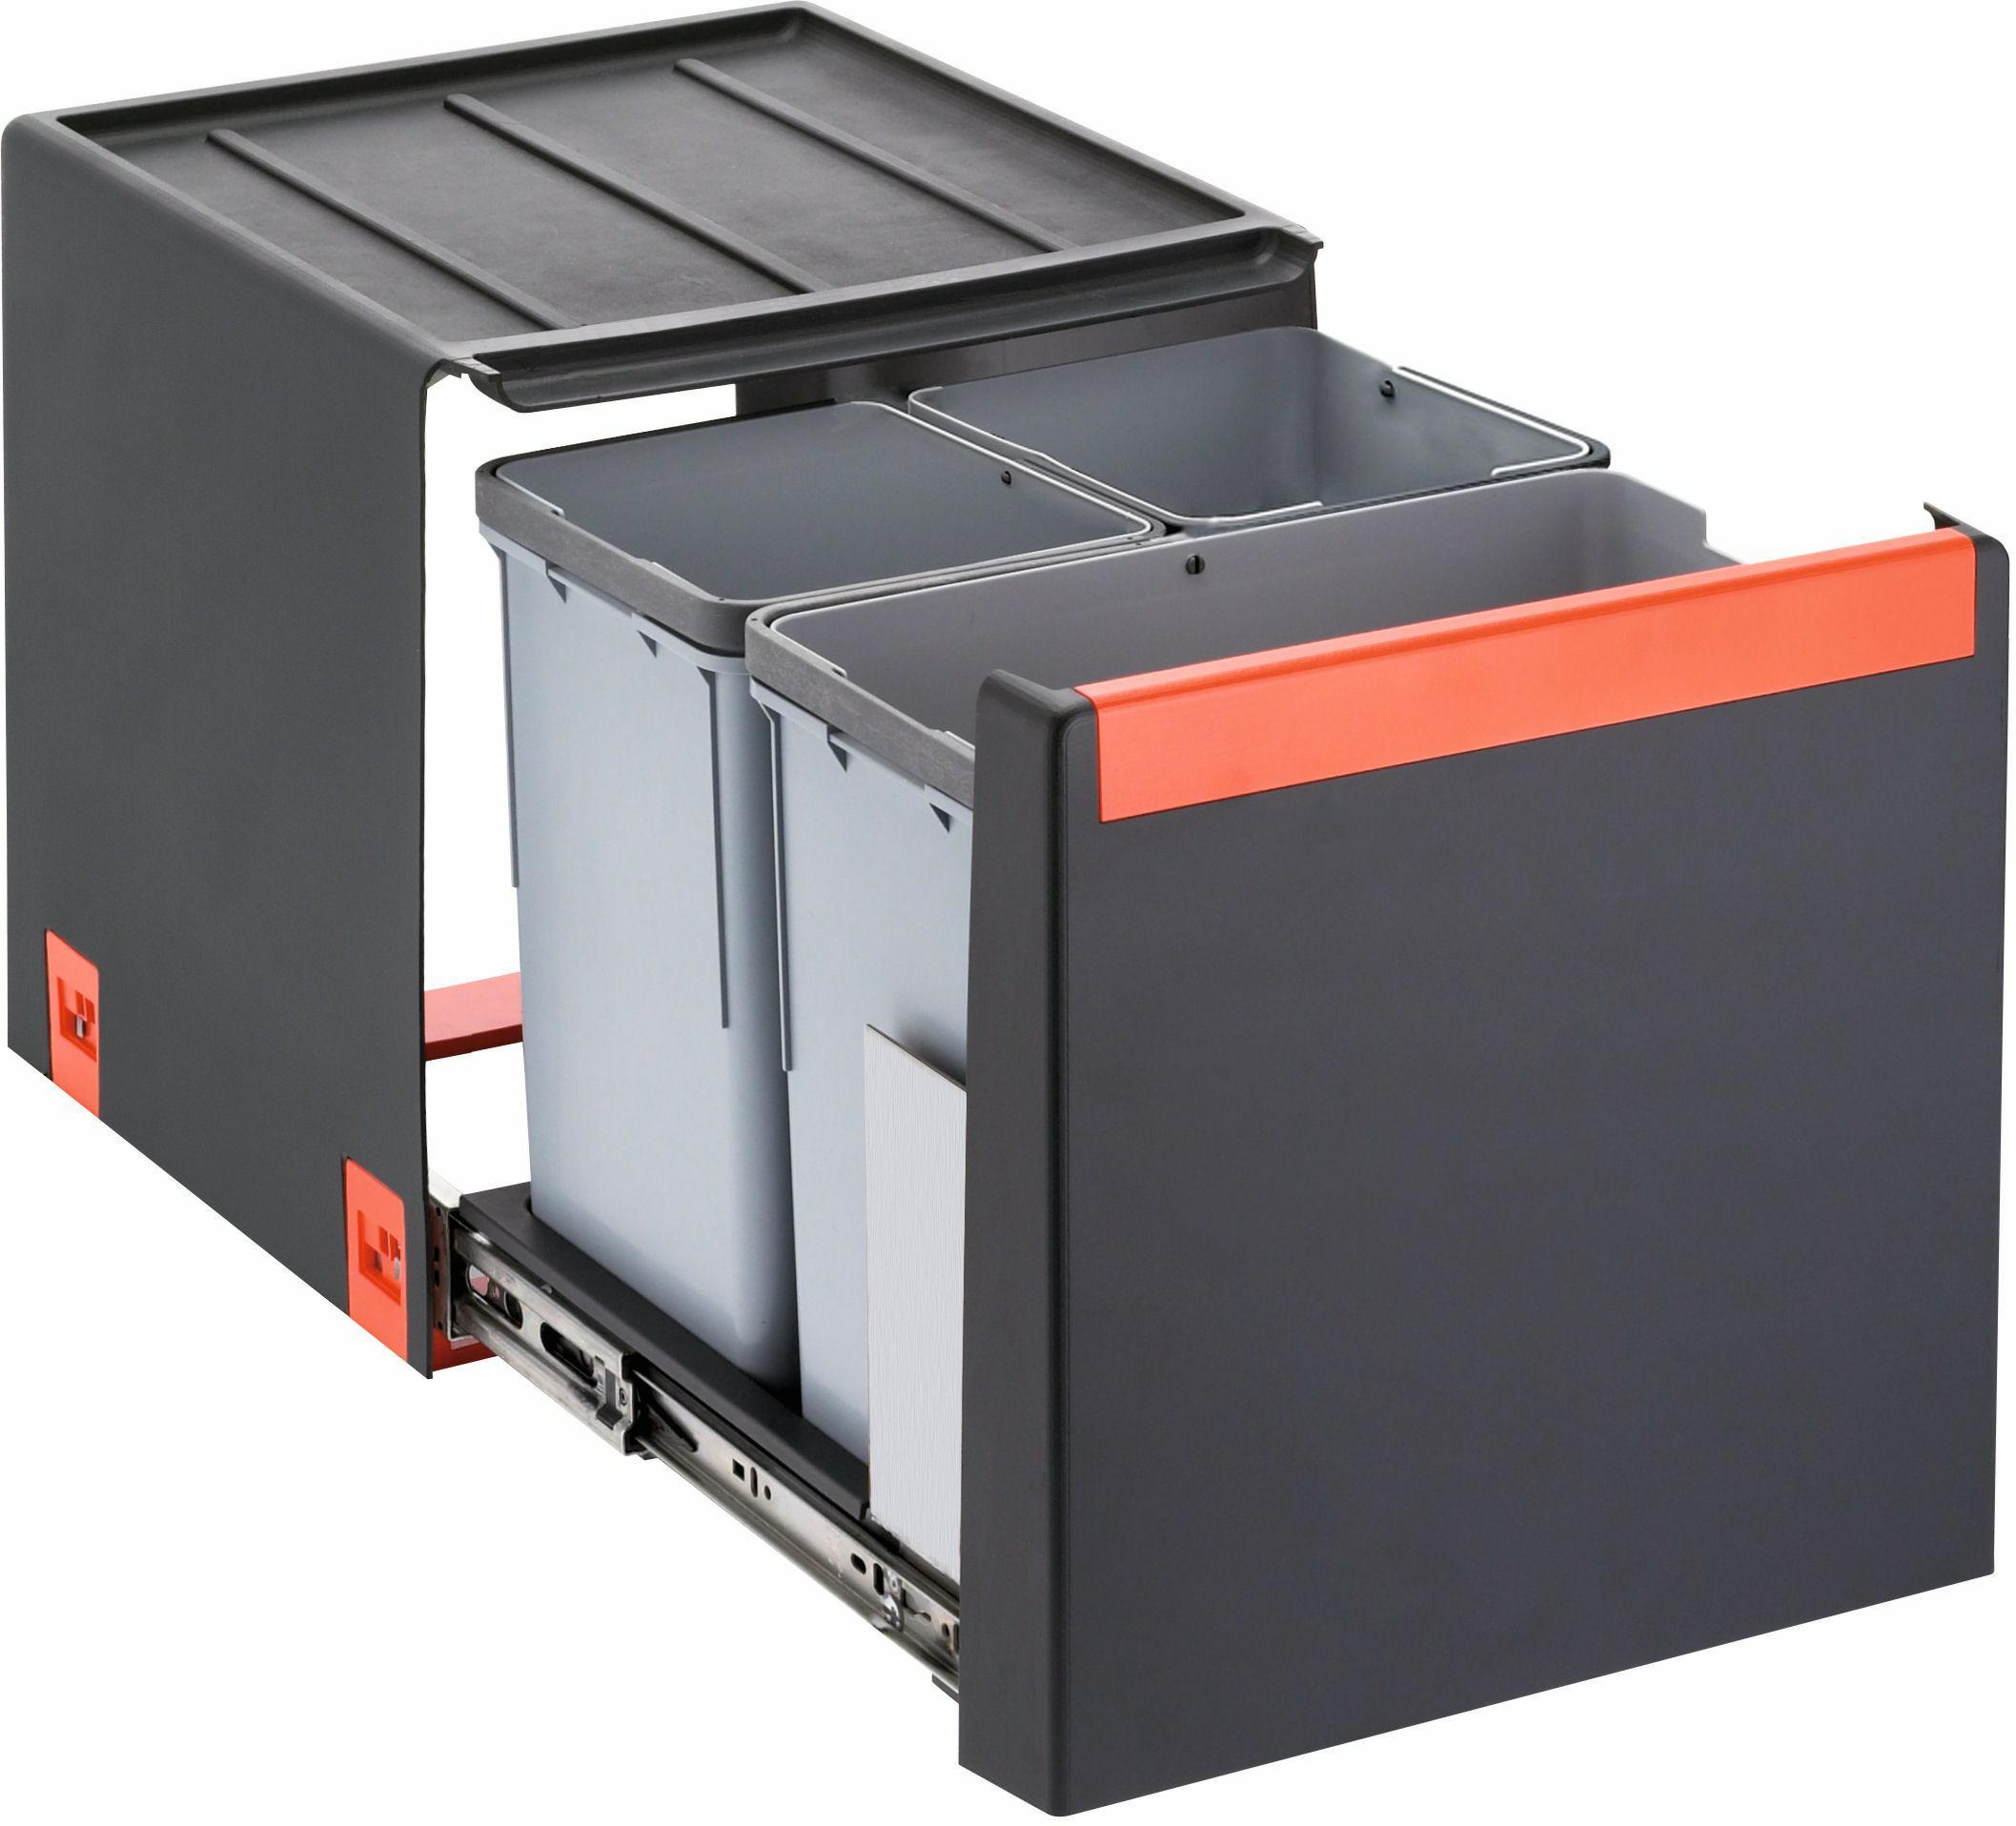 afvalemmer sorter Franke Toebehoren C40A403 afvalemmer sorter C 40A403 C 40 A 403